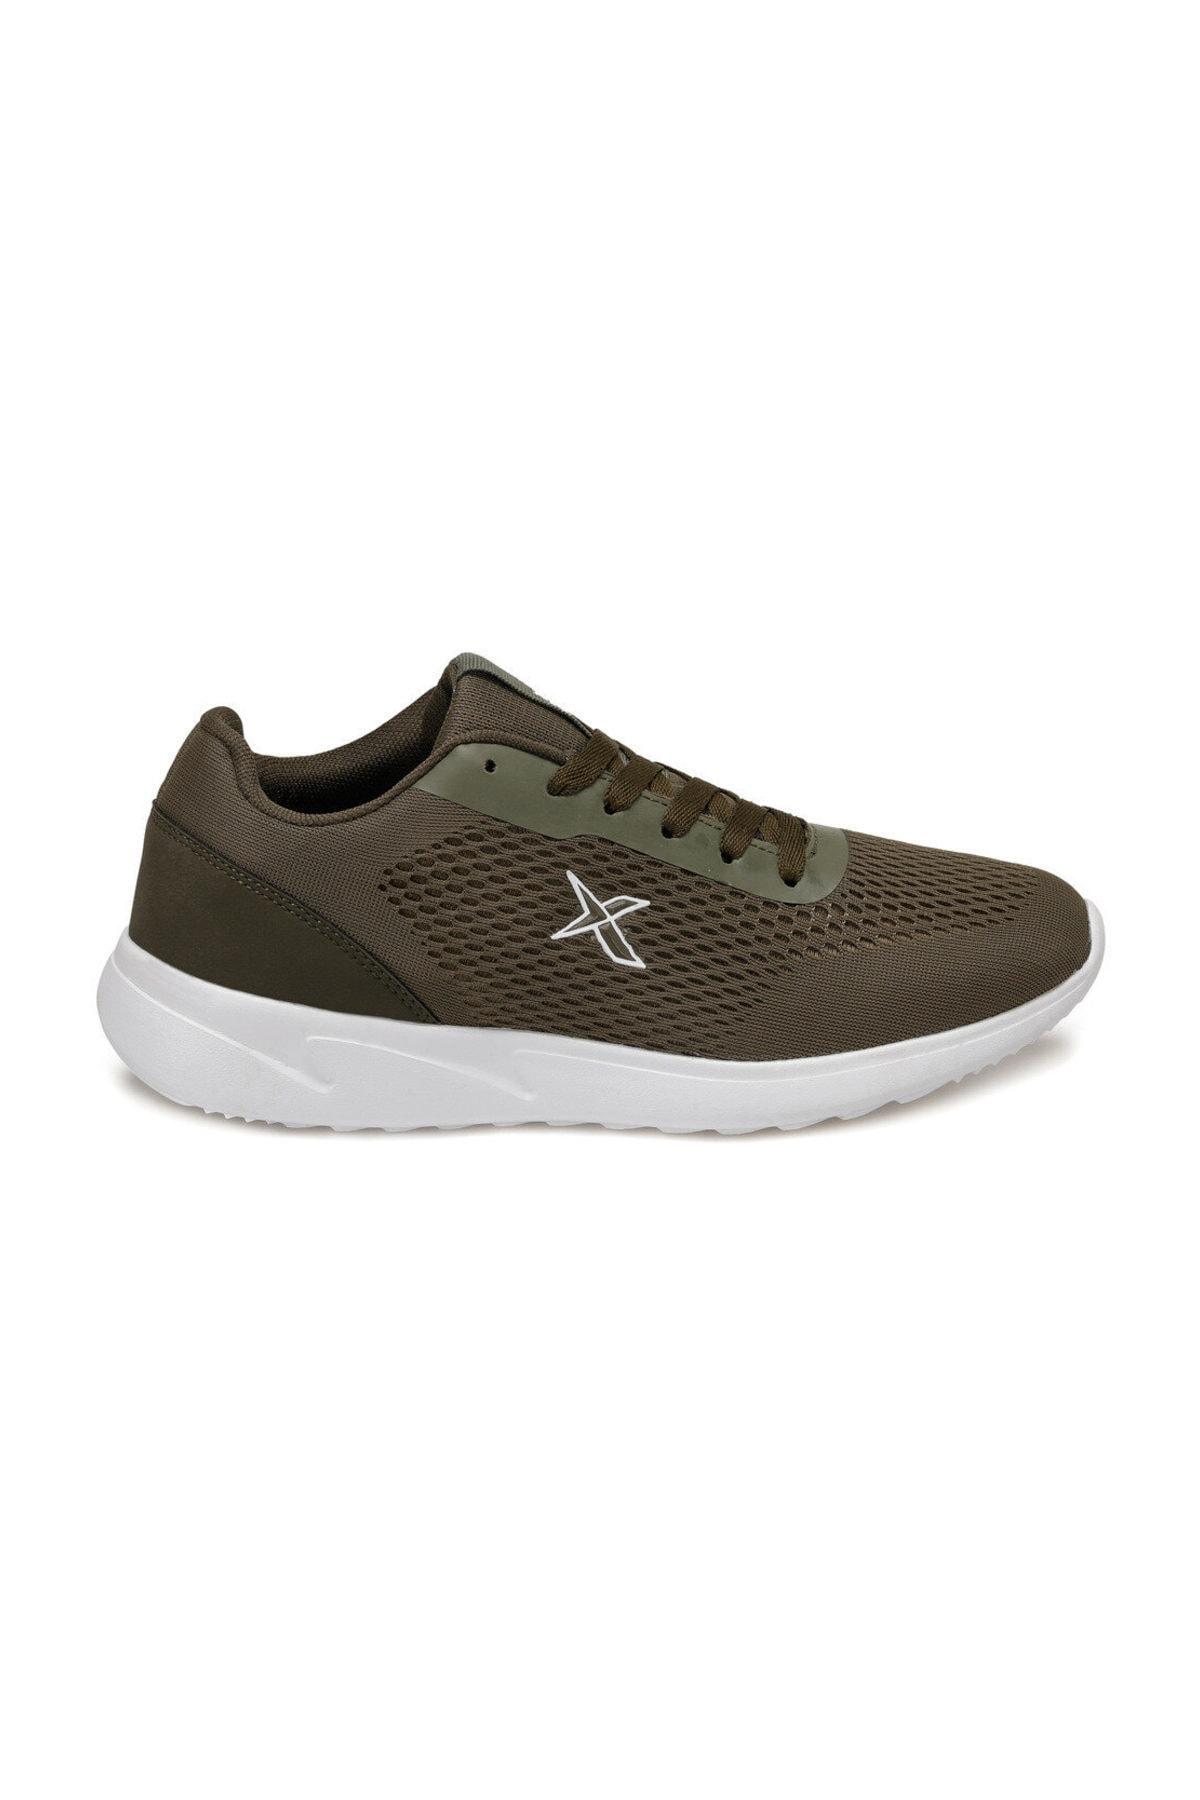 Kinetix MORRIS M Haki Erkek Sneaker Ayakkabı 100378710 2